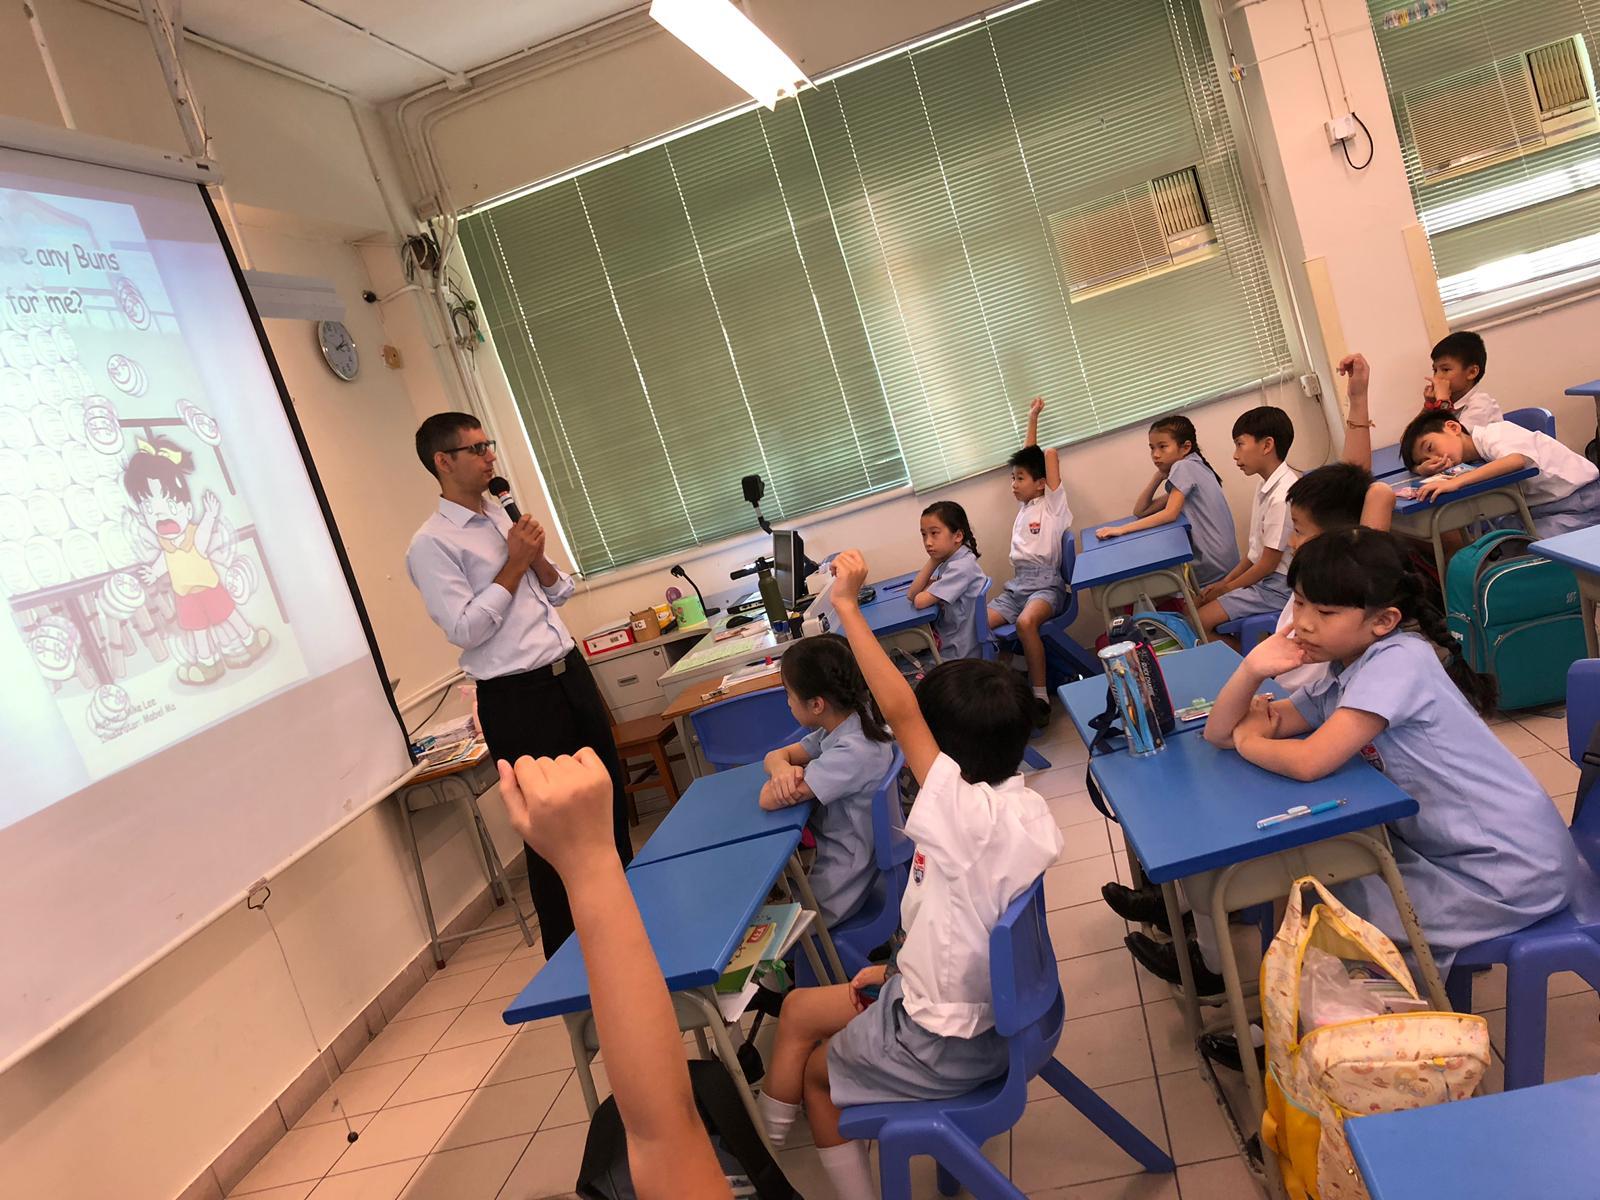 http://www.keiwan.edu.hk/sites/default/files/44_1.jpg